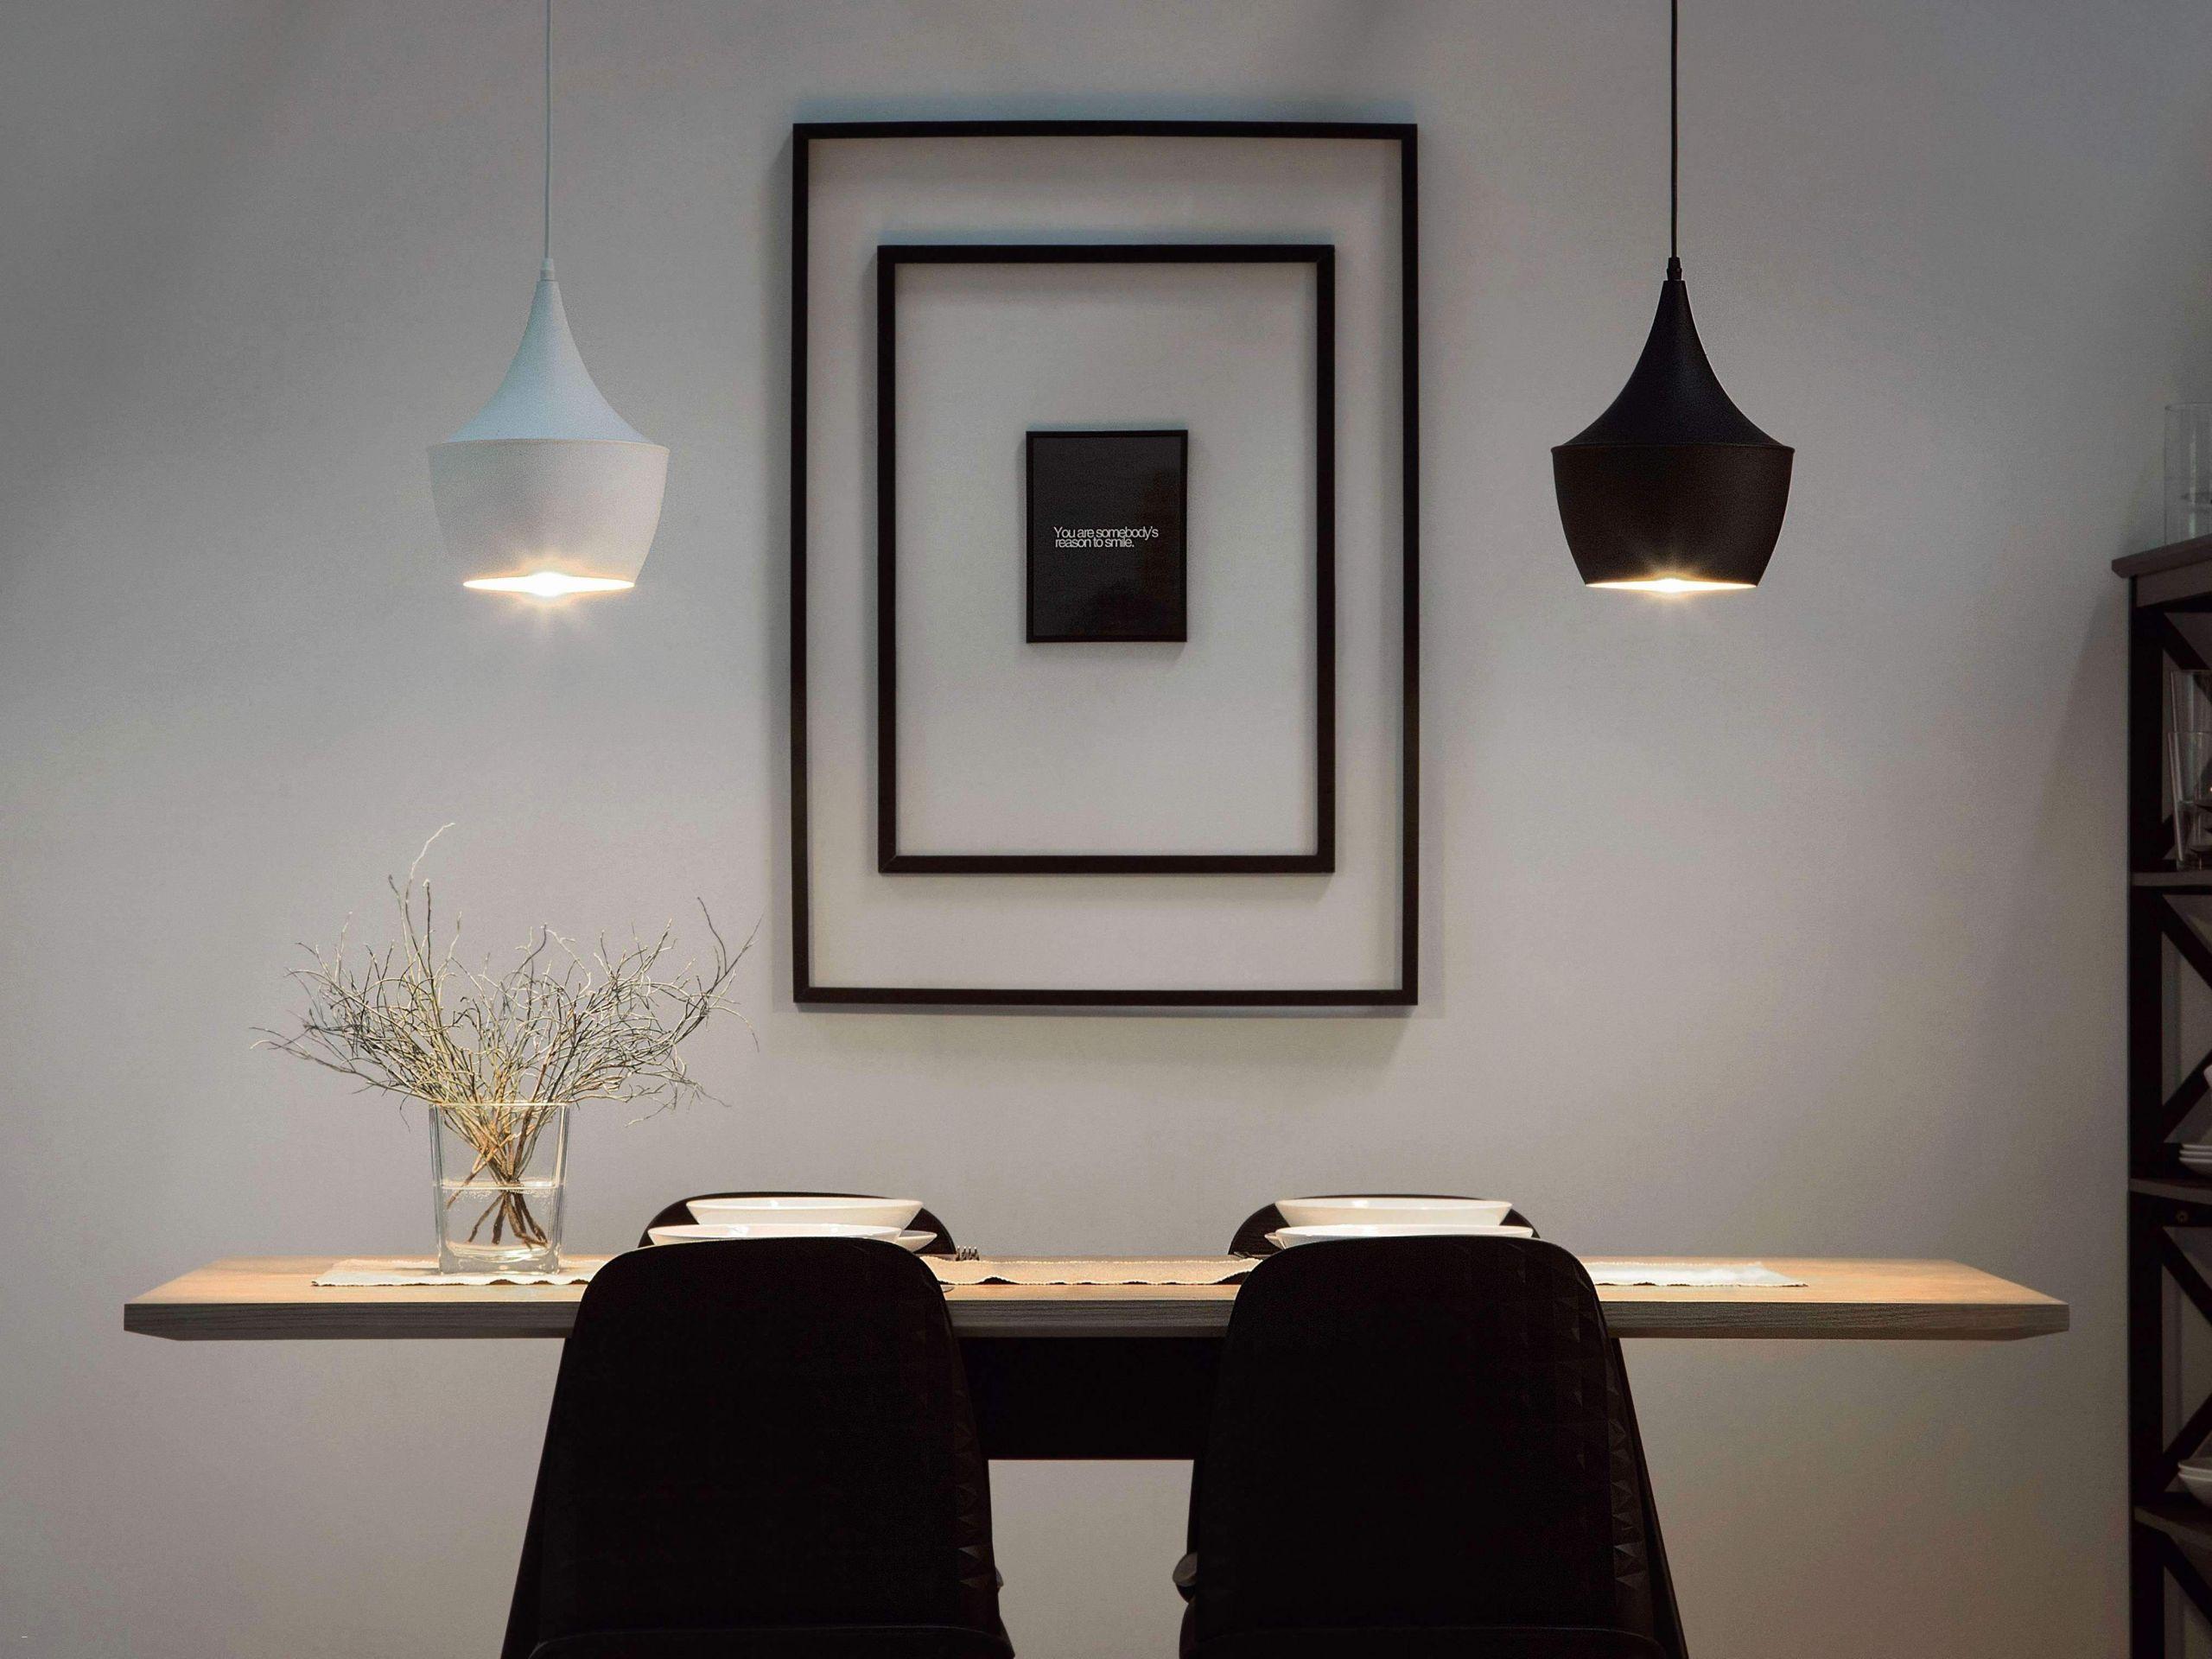 Full Size of Ikea Wohnzimmer Lampe Lampen Leuchten Lampenschirm Neu 30 Schn Schlafzimmer Deckenlampen Modern Pendelleuchte Tisch Stehlampen Wandlampe Bad Wohnwand Für Wohnzimmer Ikea Wohnzimmer Lampe